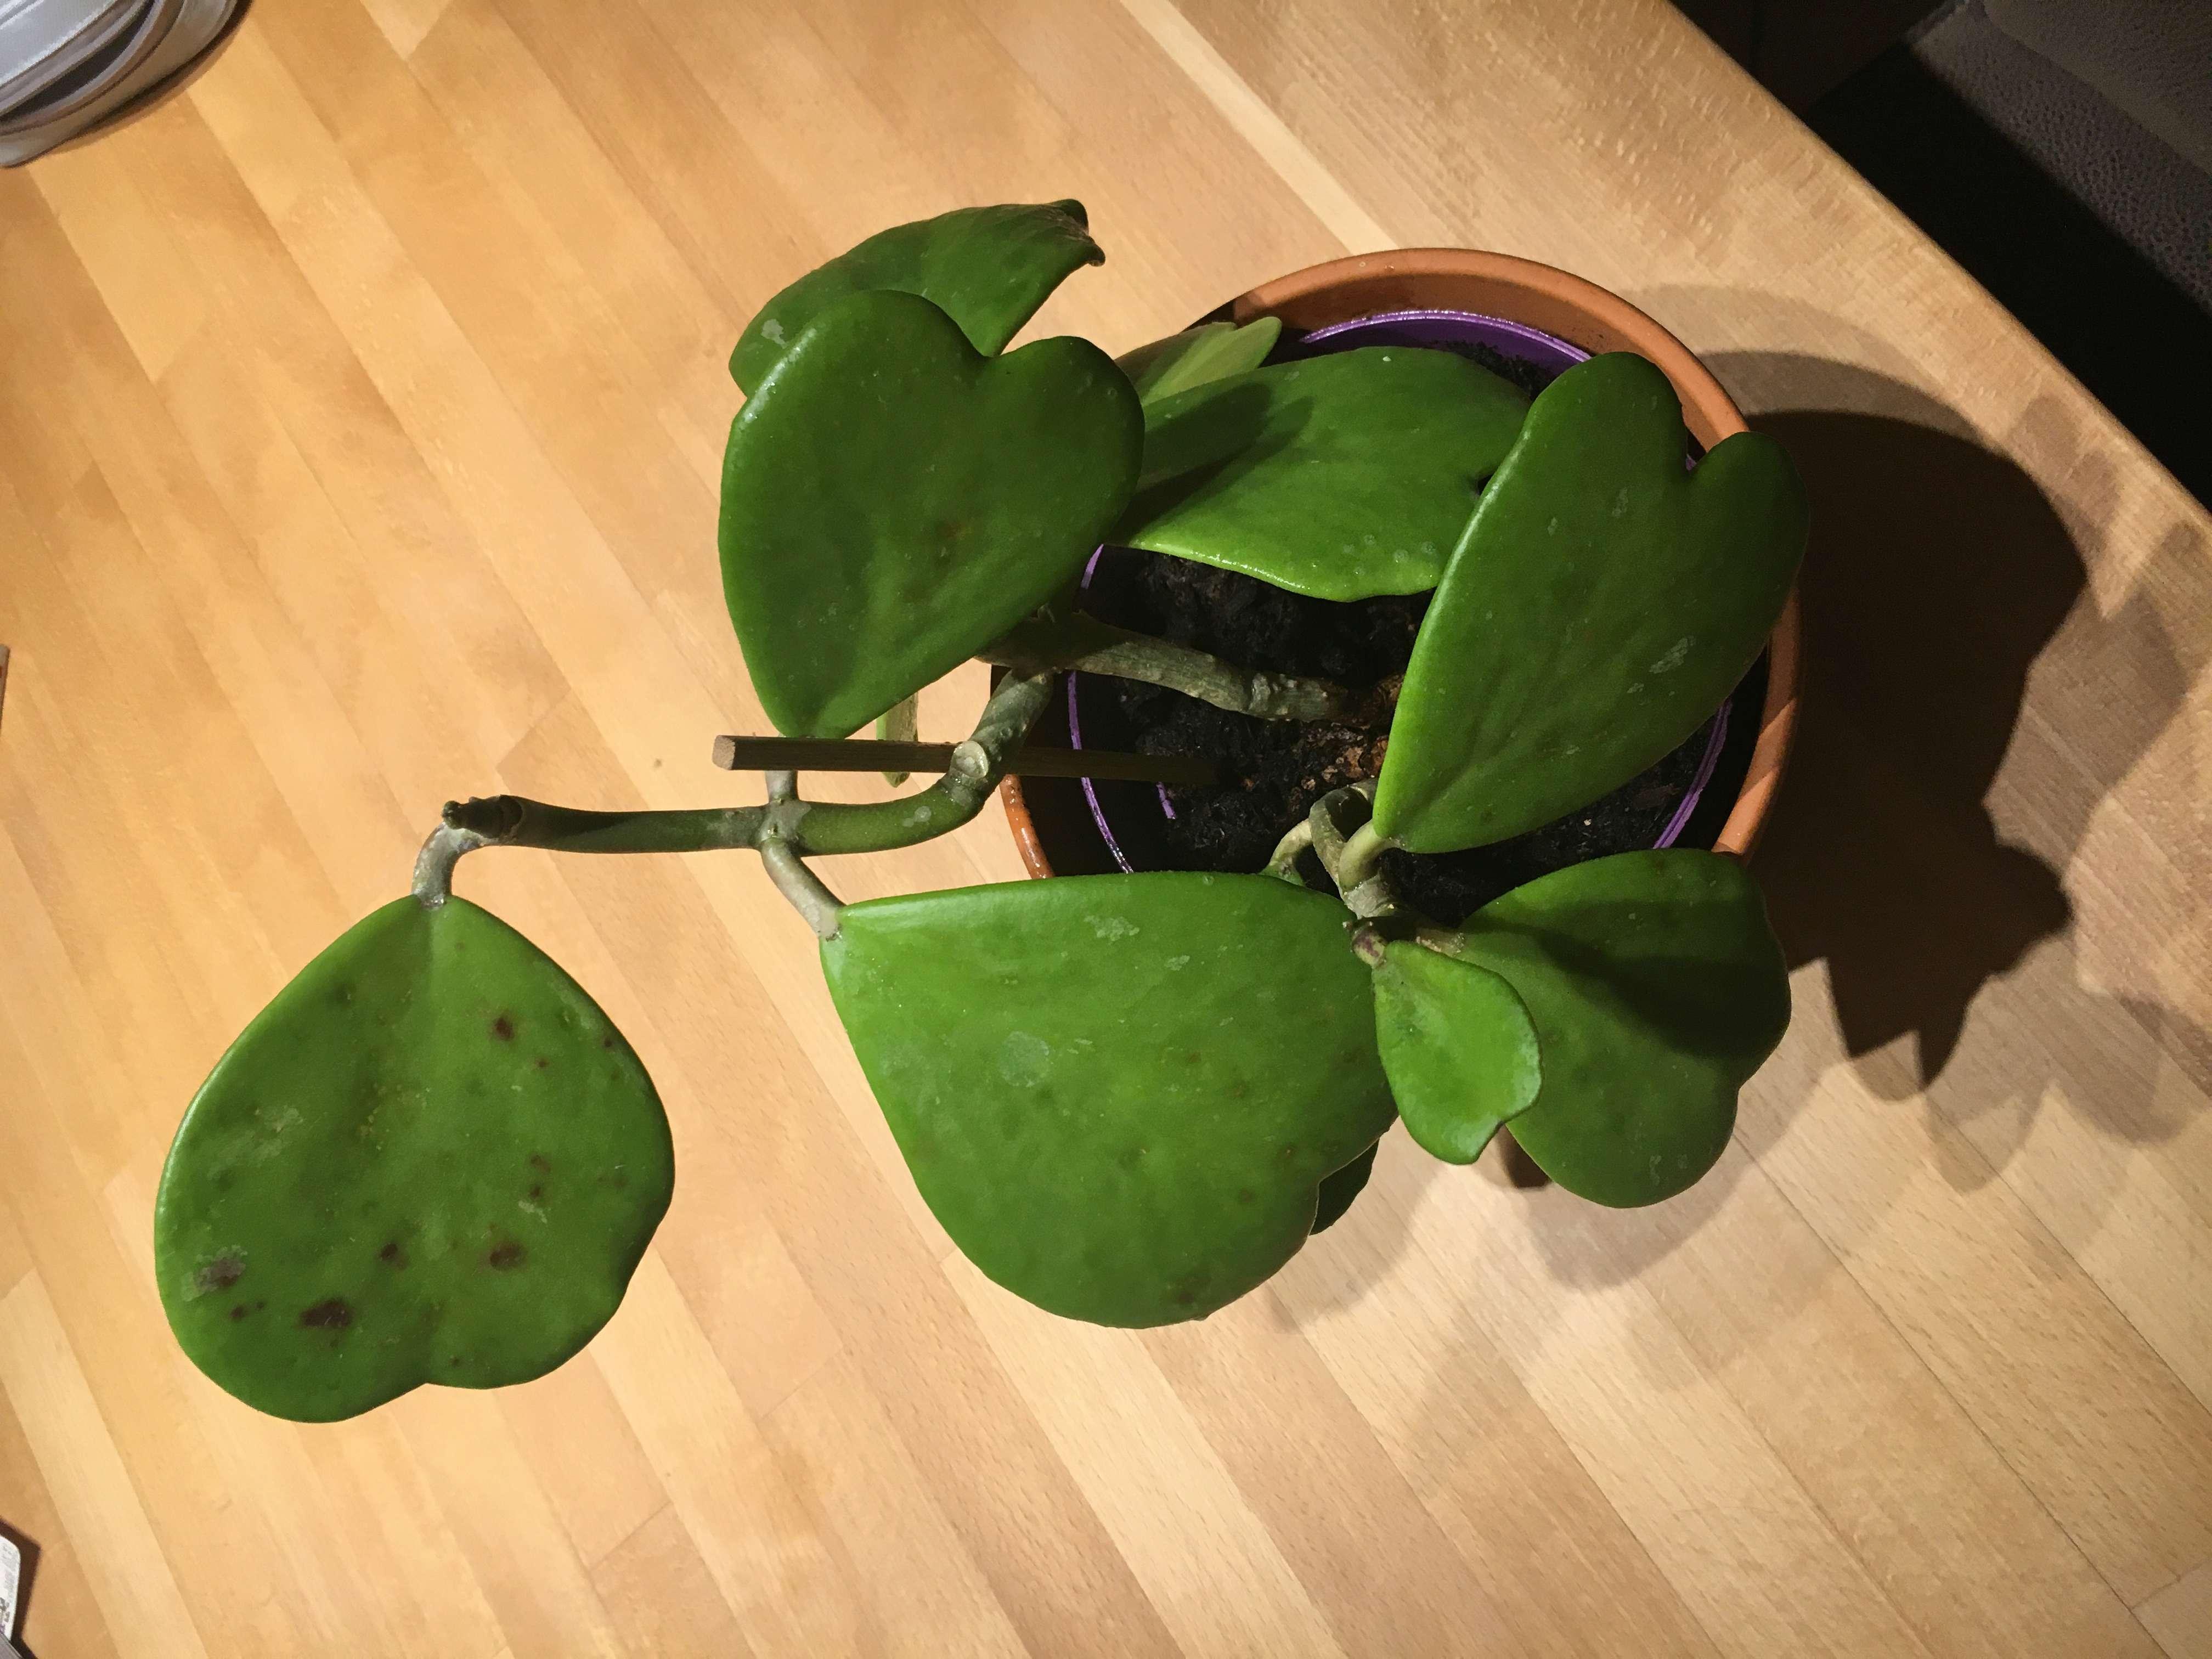 Braune Flecken auf Blättern der Pubicalyx C5472410